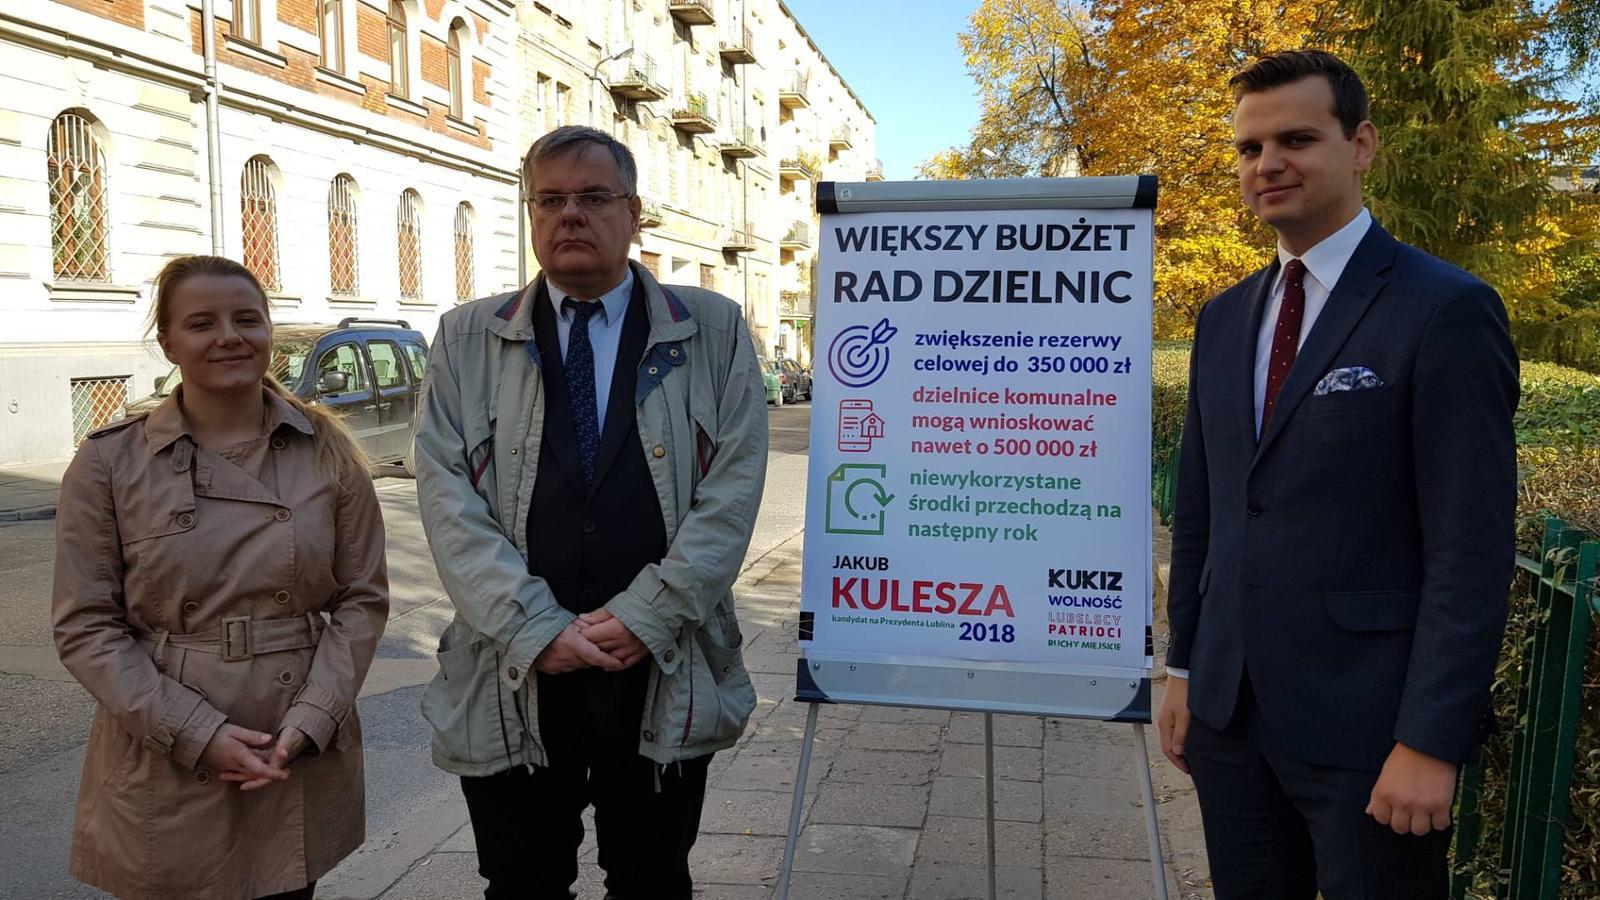 350 tys. zł. rezerwy celowej dla każdej dzielnicy w Lublinie